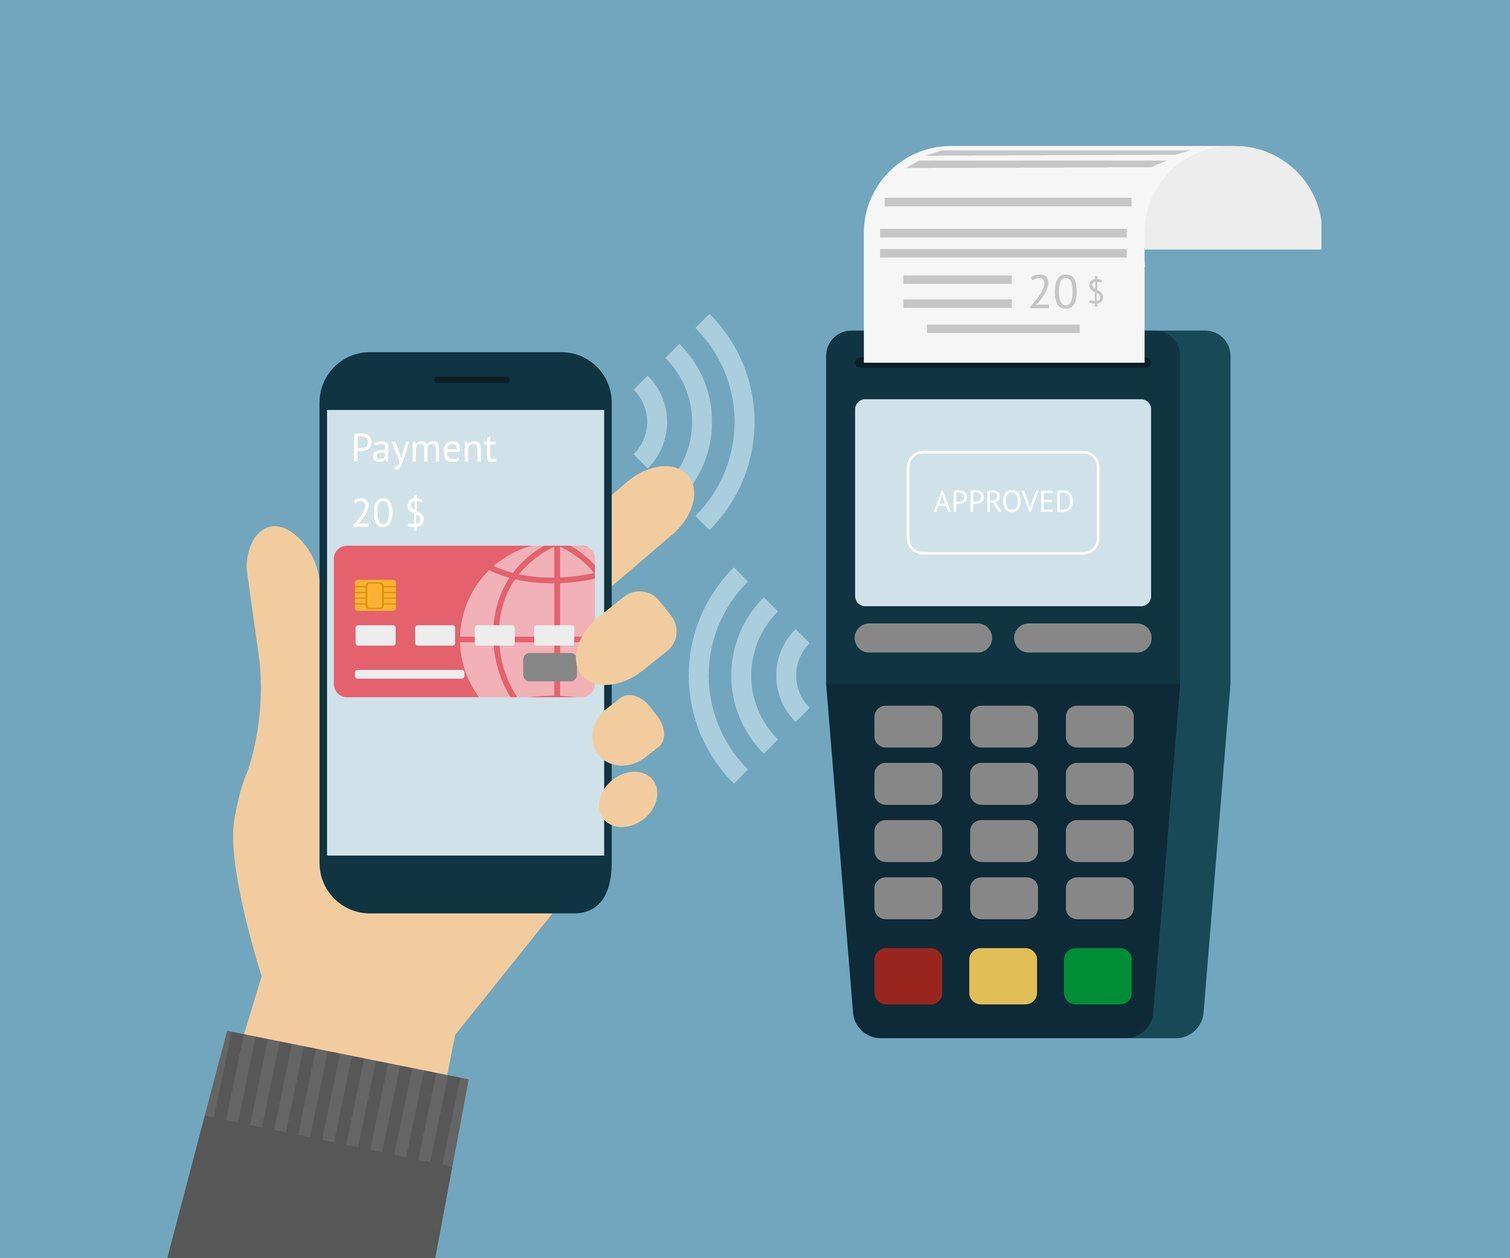 快速支付系統推出前夕,HKIRC 調查:市民期望於公共交通、政府賬單、診所使用流動支付